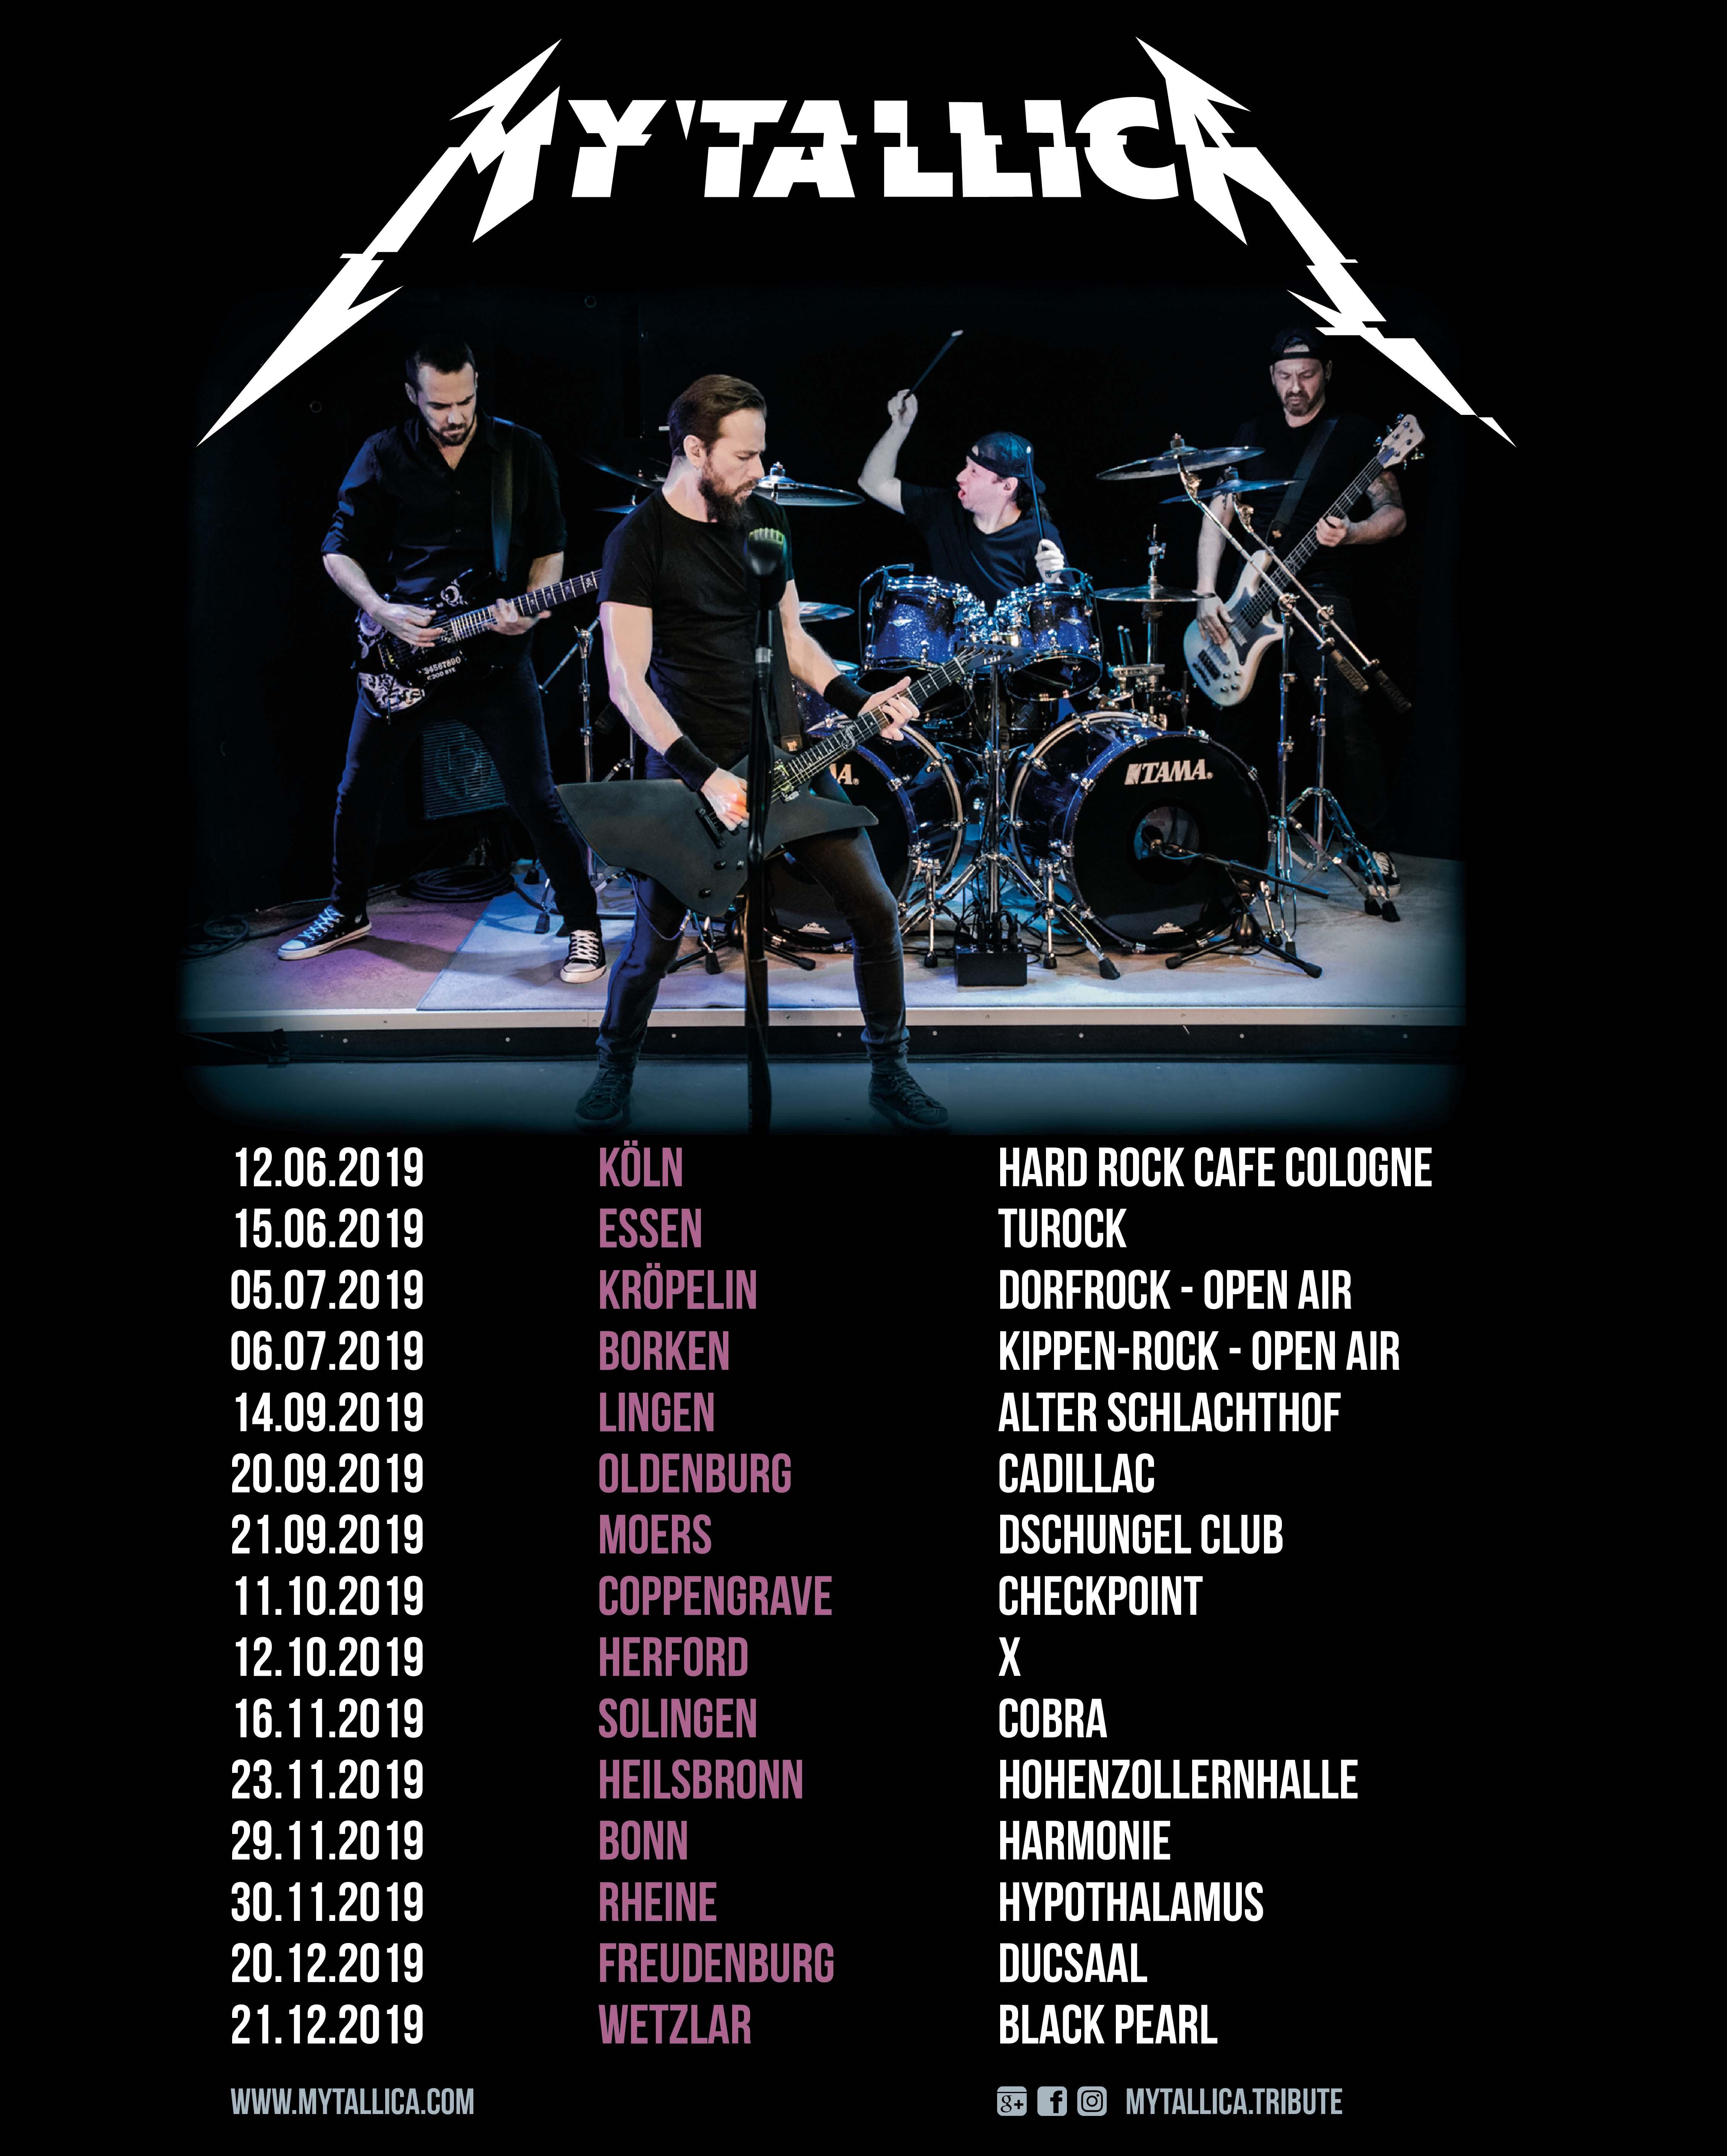 metallica-cover-band-mytallica-tour-live-shows-2019-deutschland-v1